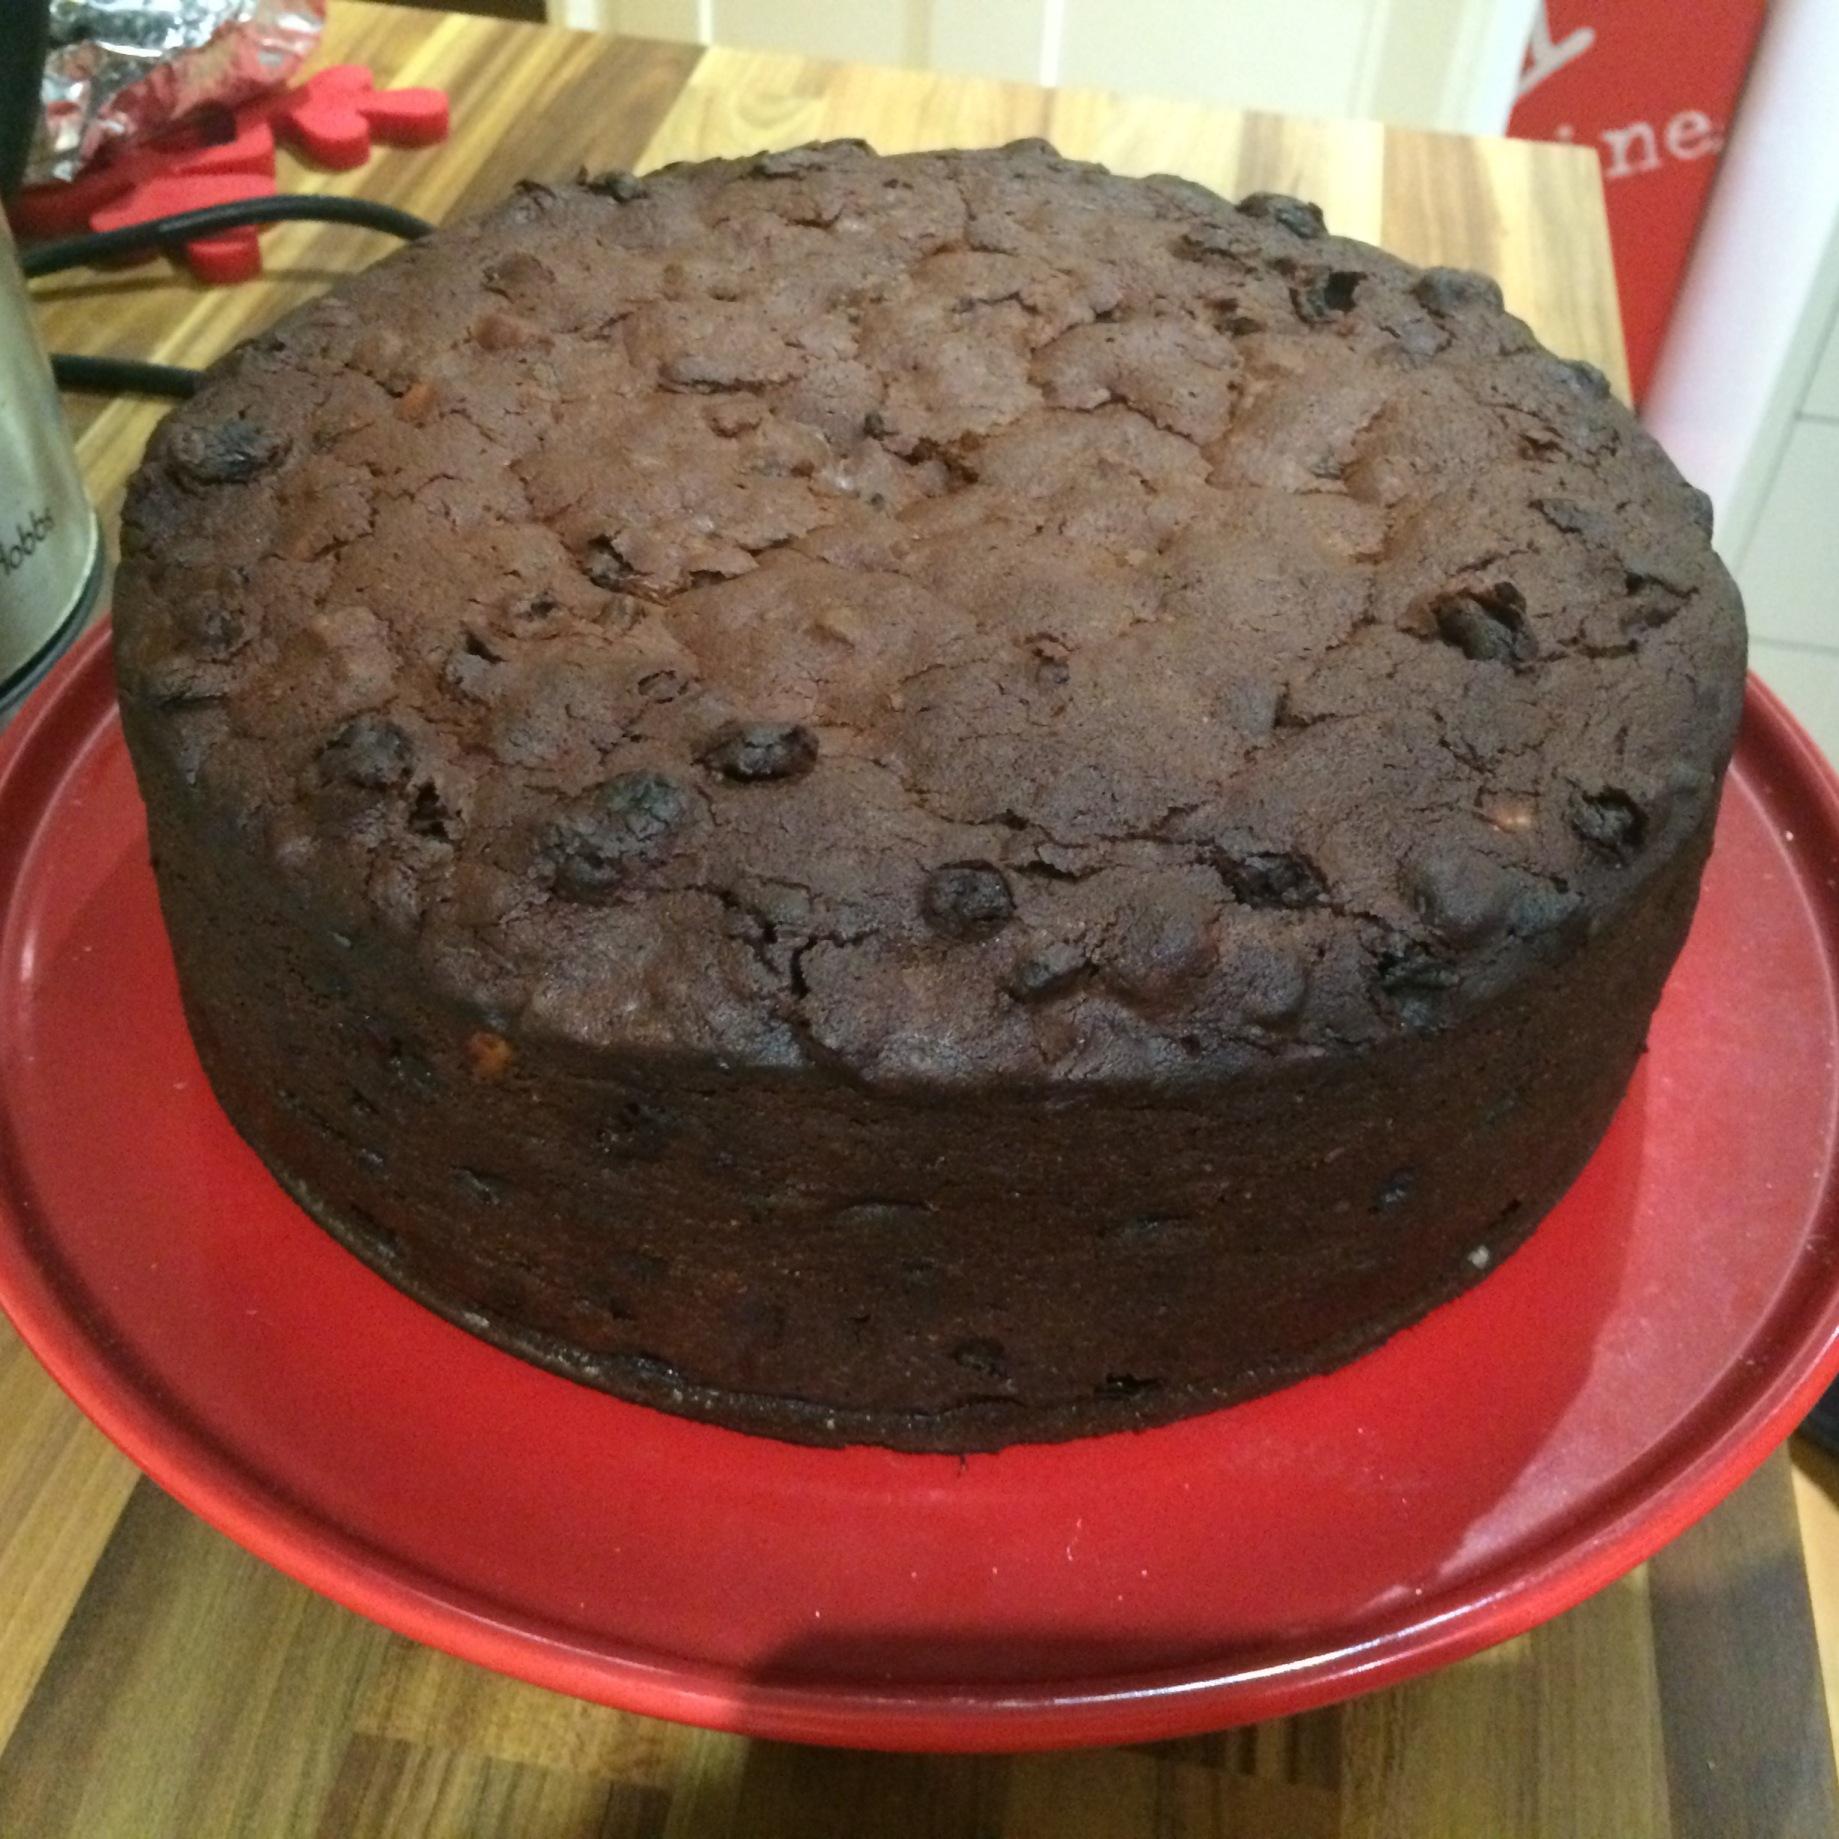 Eric Lanlard's Christmas Cake